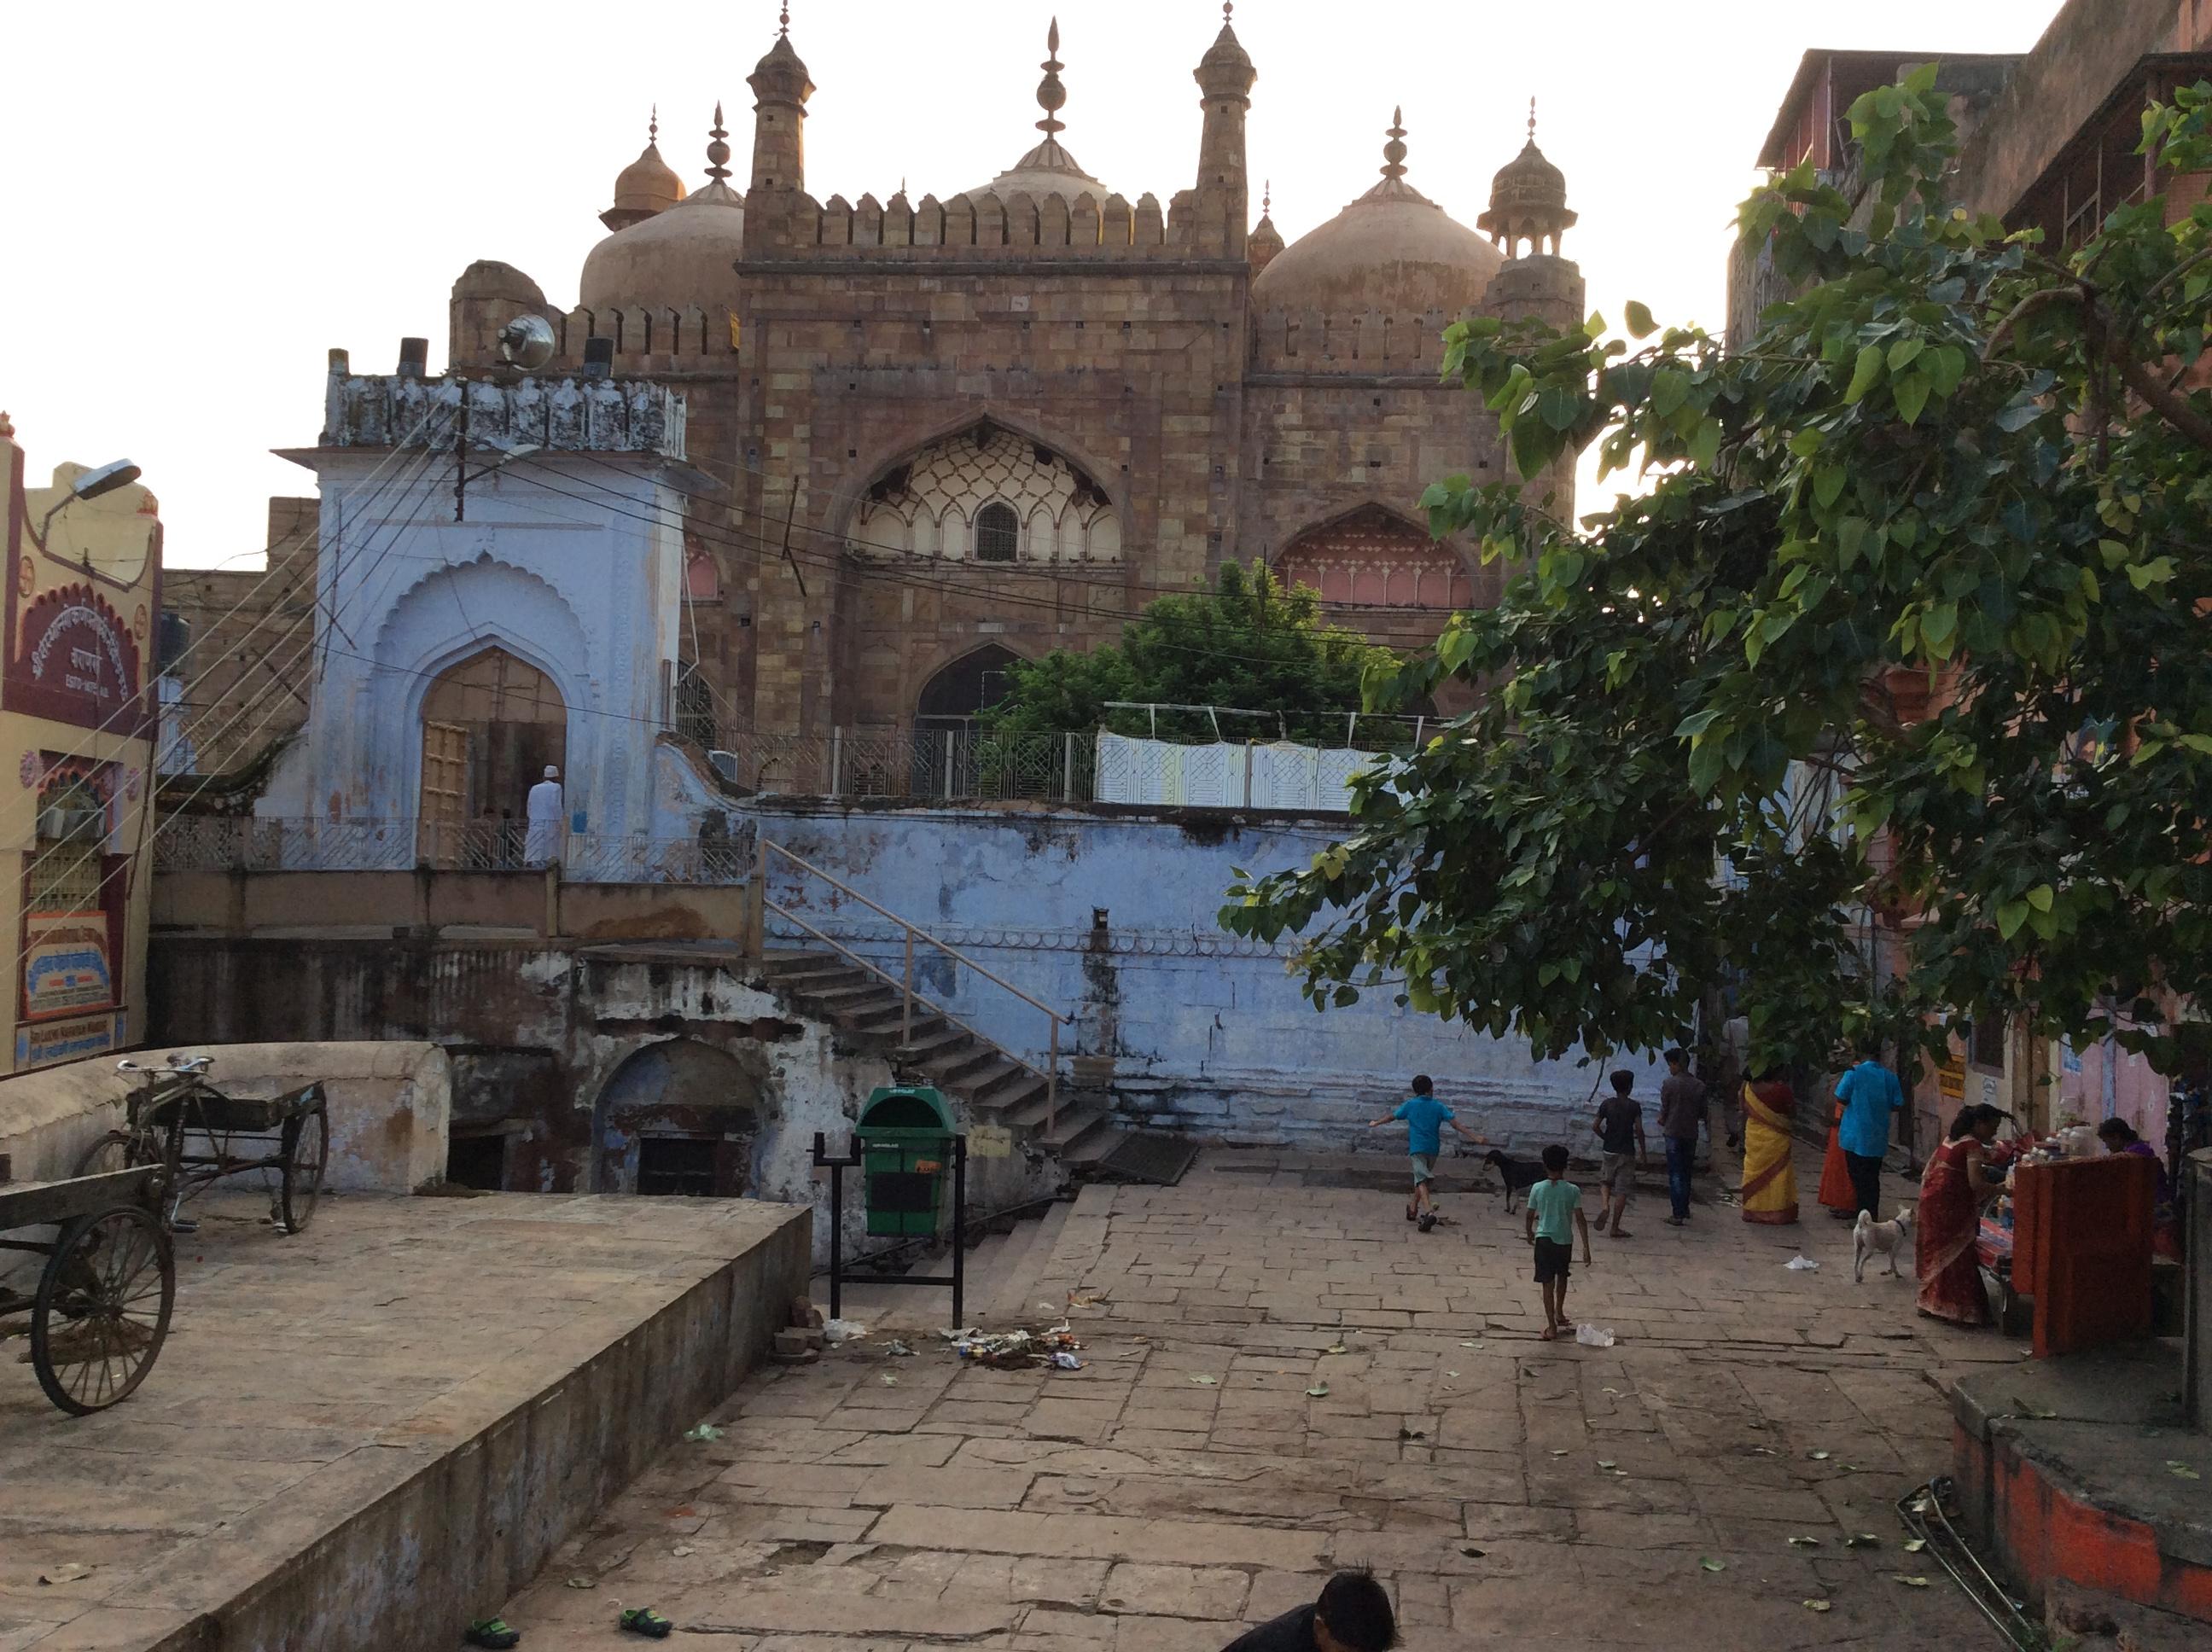 ...ein islamisches Gotteshaus mit einer ganz verzaubern Atmosphäre...